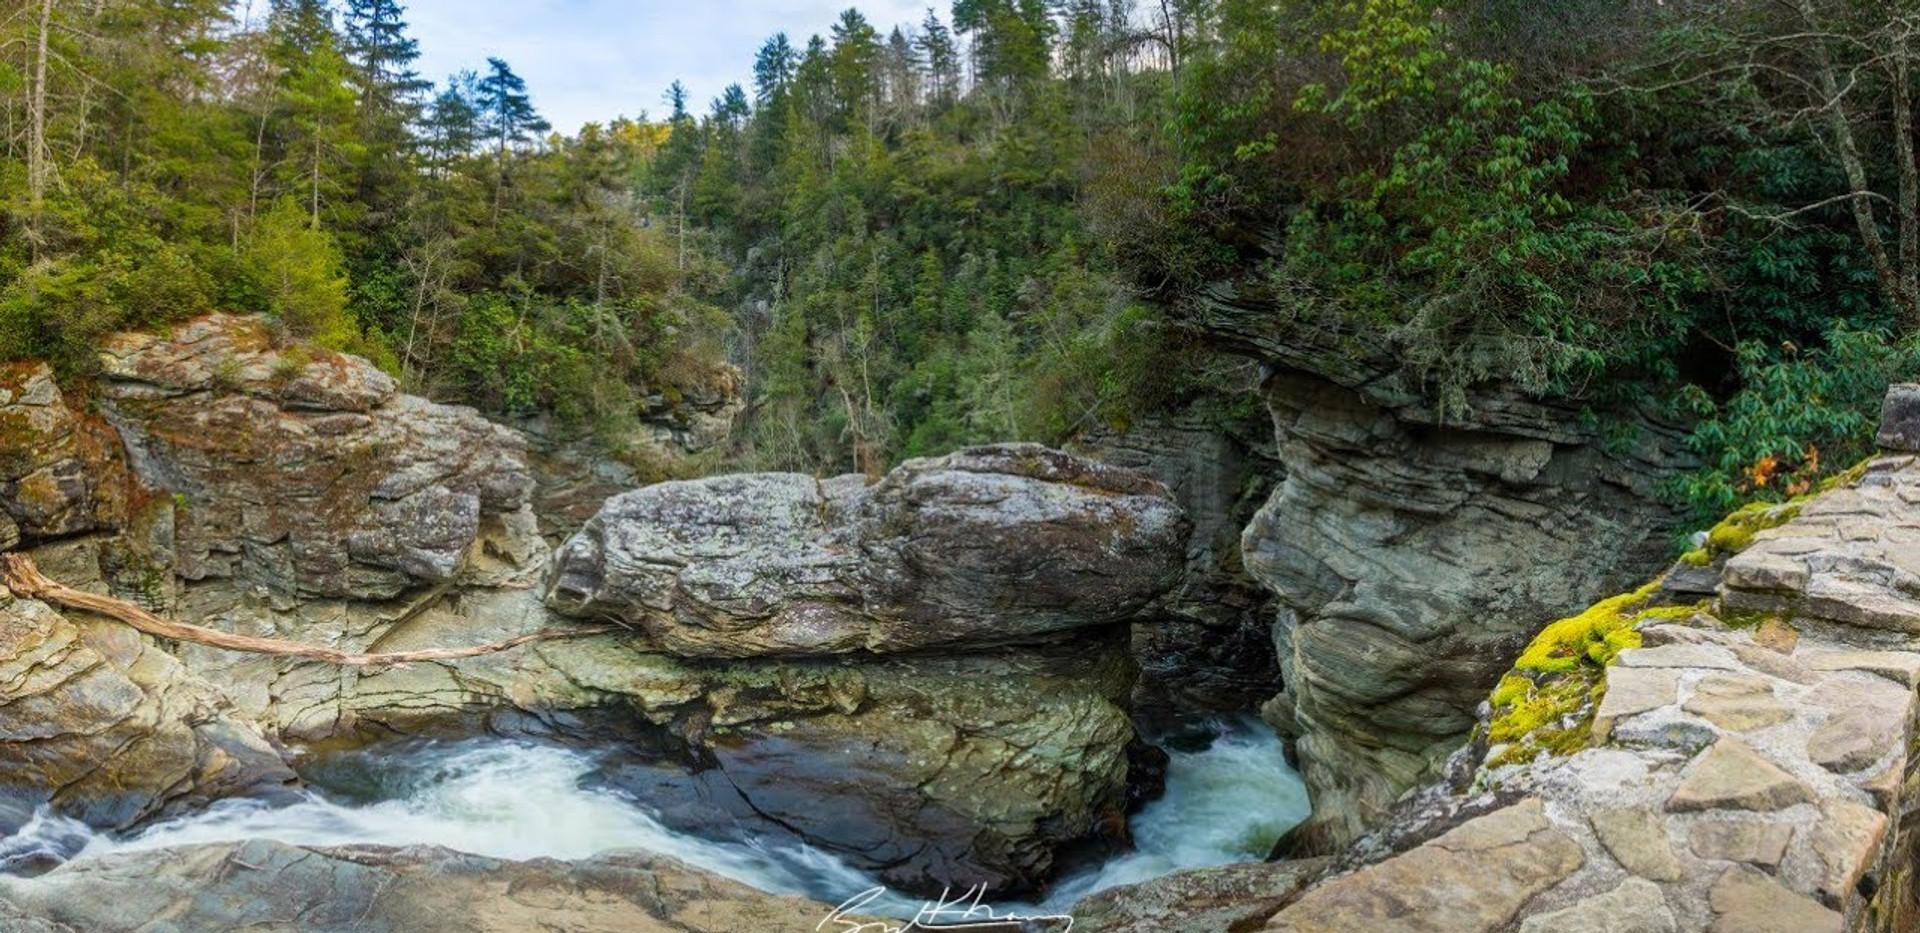 11-21-17 Linville Falls, NC